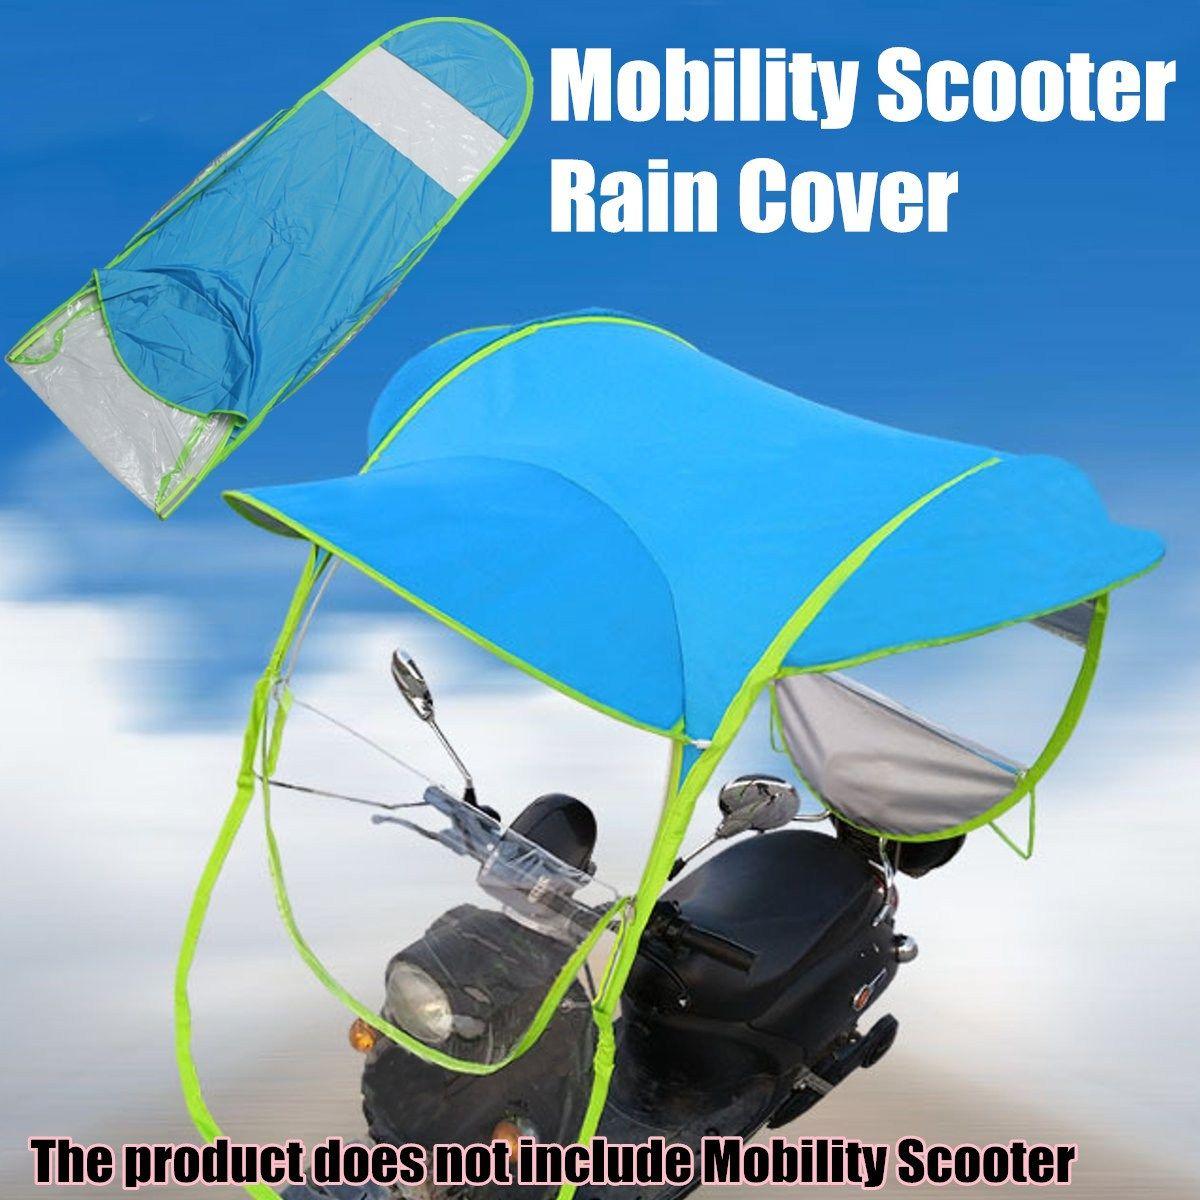 Mofaner синий полиэстер мотоцикл Скутер Защита от солнца Тенты дождевик электромобиль зонтик мобильности плащ пончо пыли